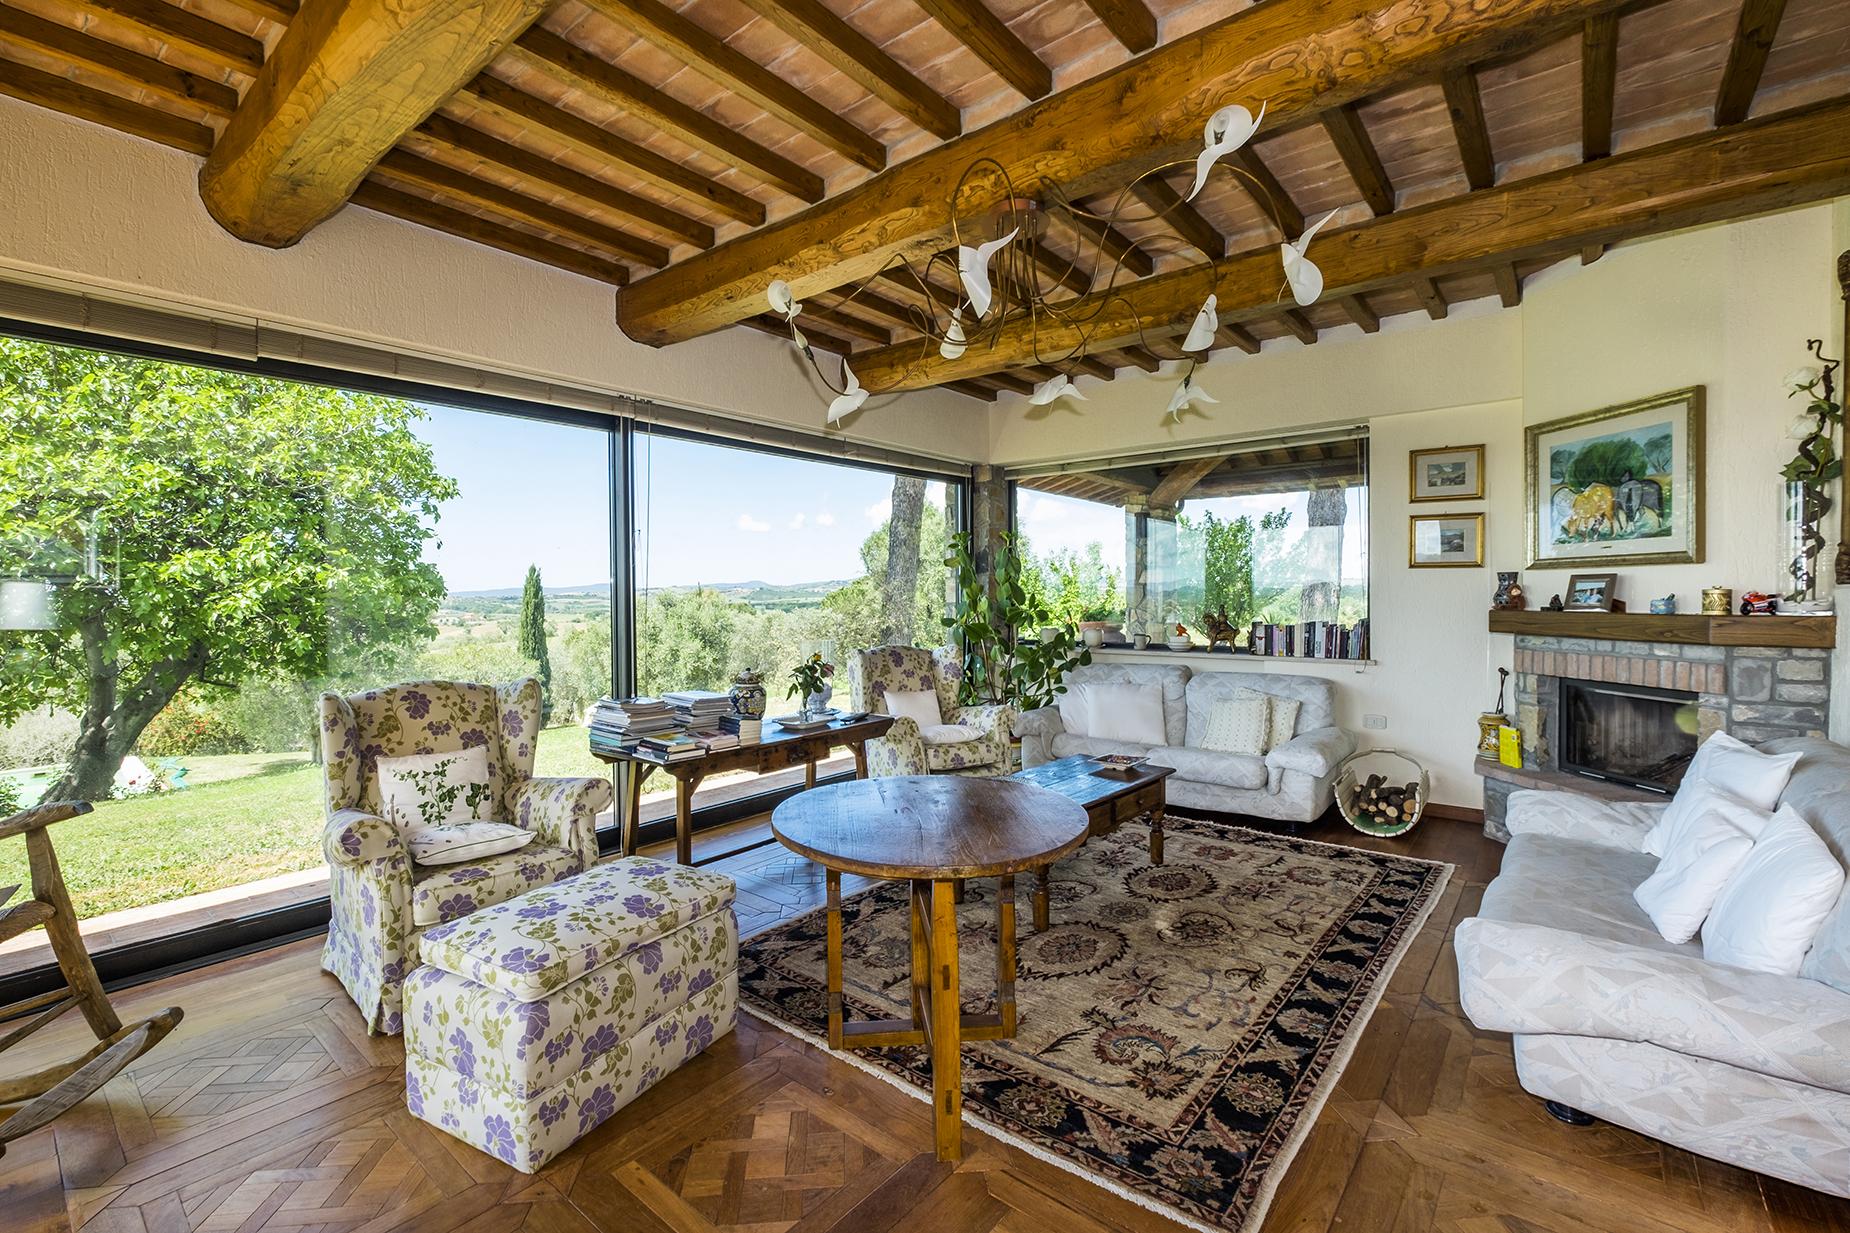 Rustico in Vendita a Magliano In Toscana: 5 locali, 320 mq